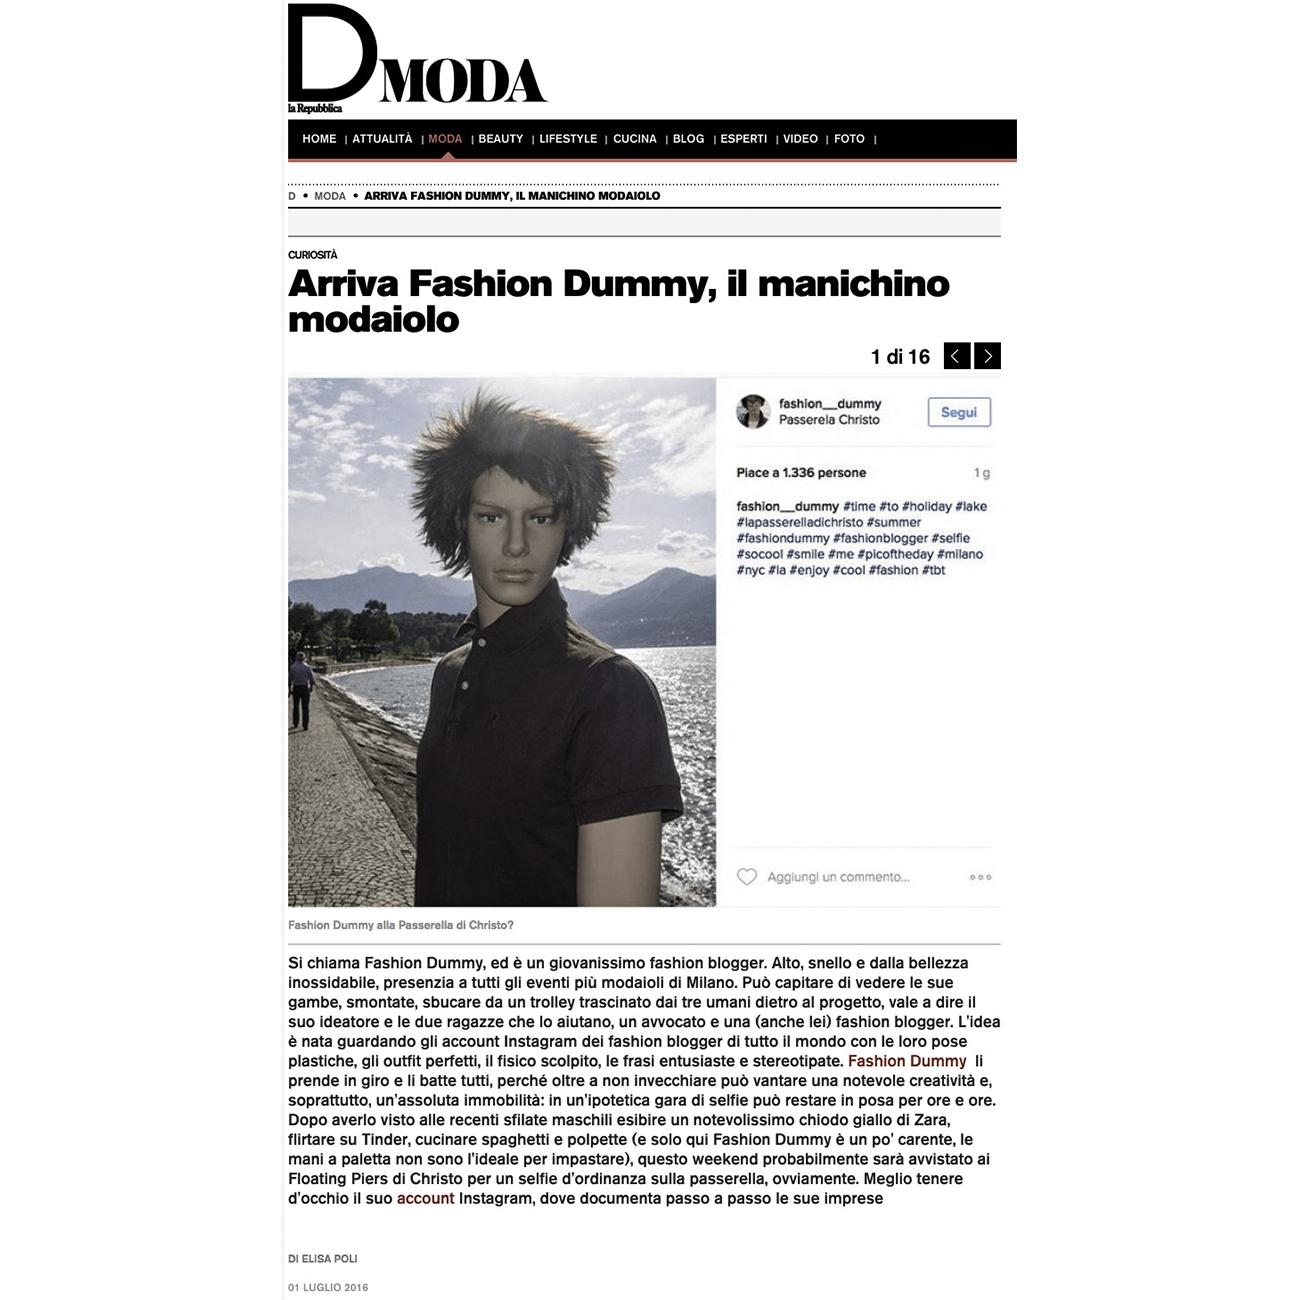 Fashion Dummy